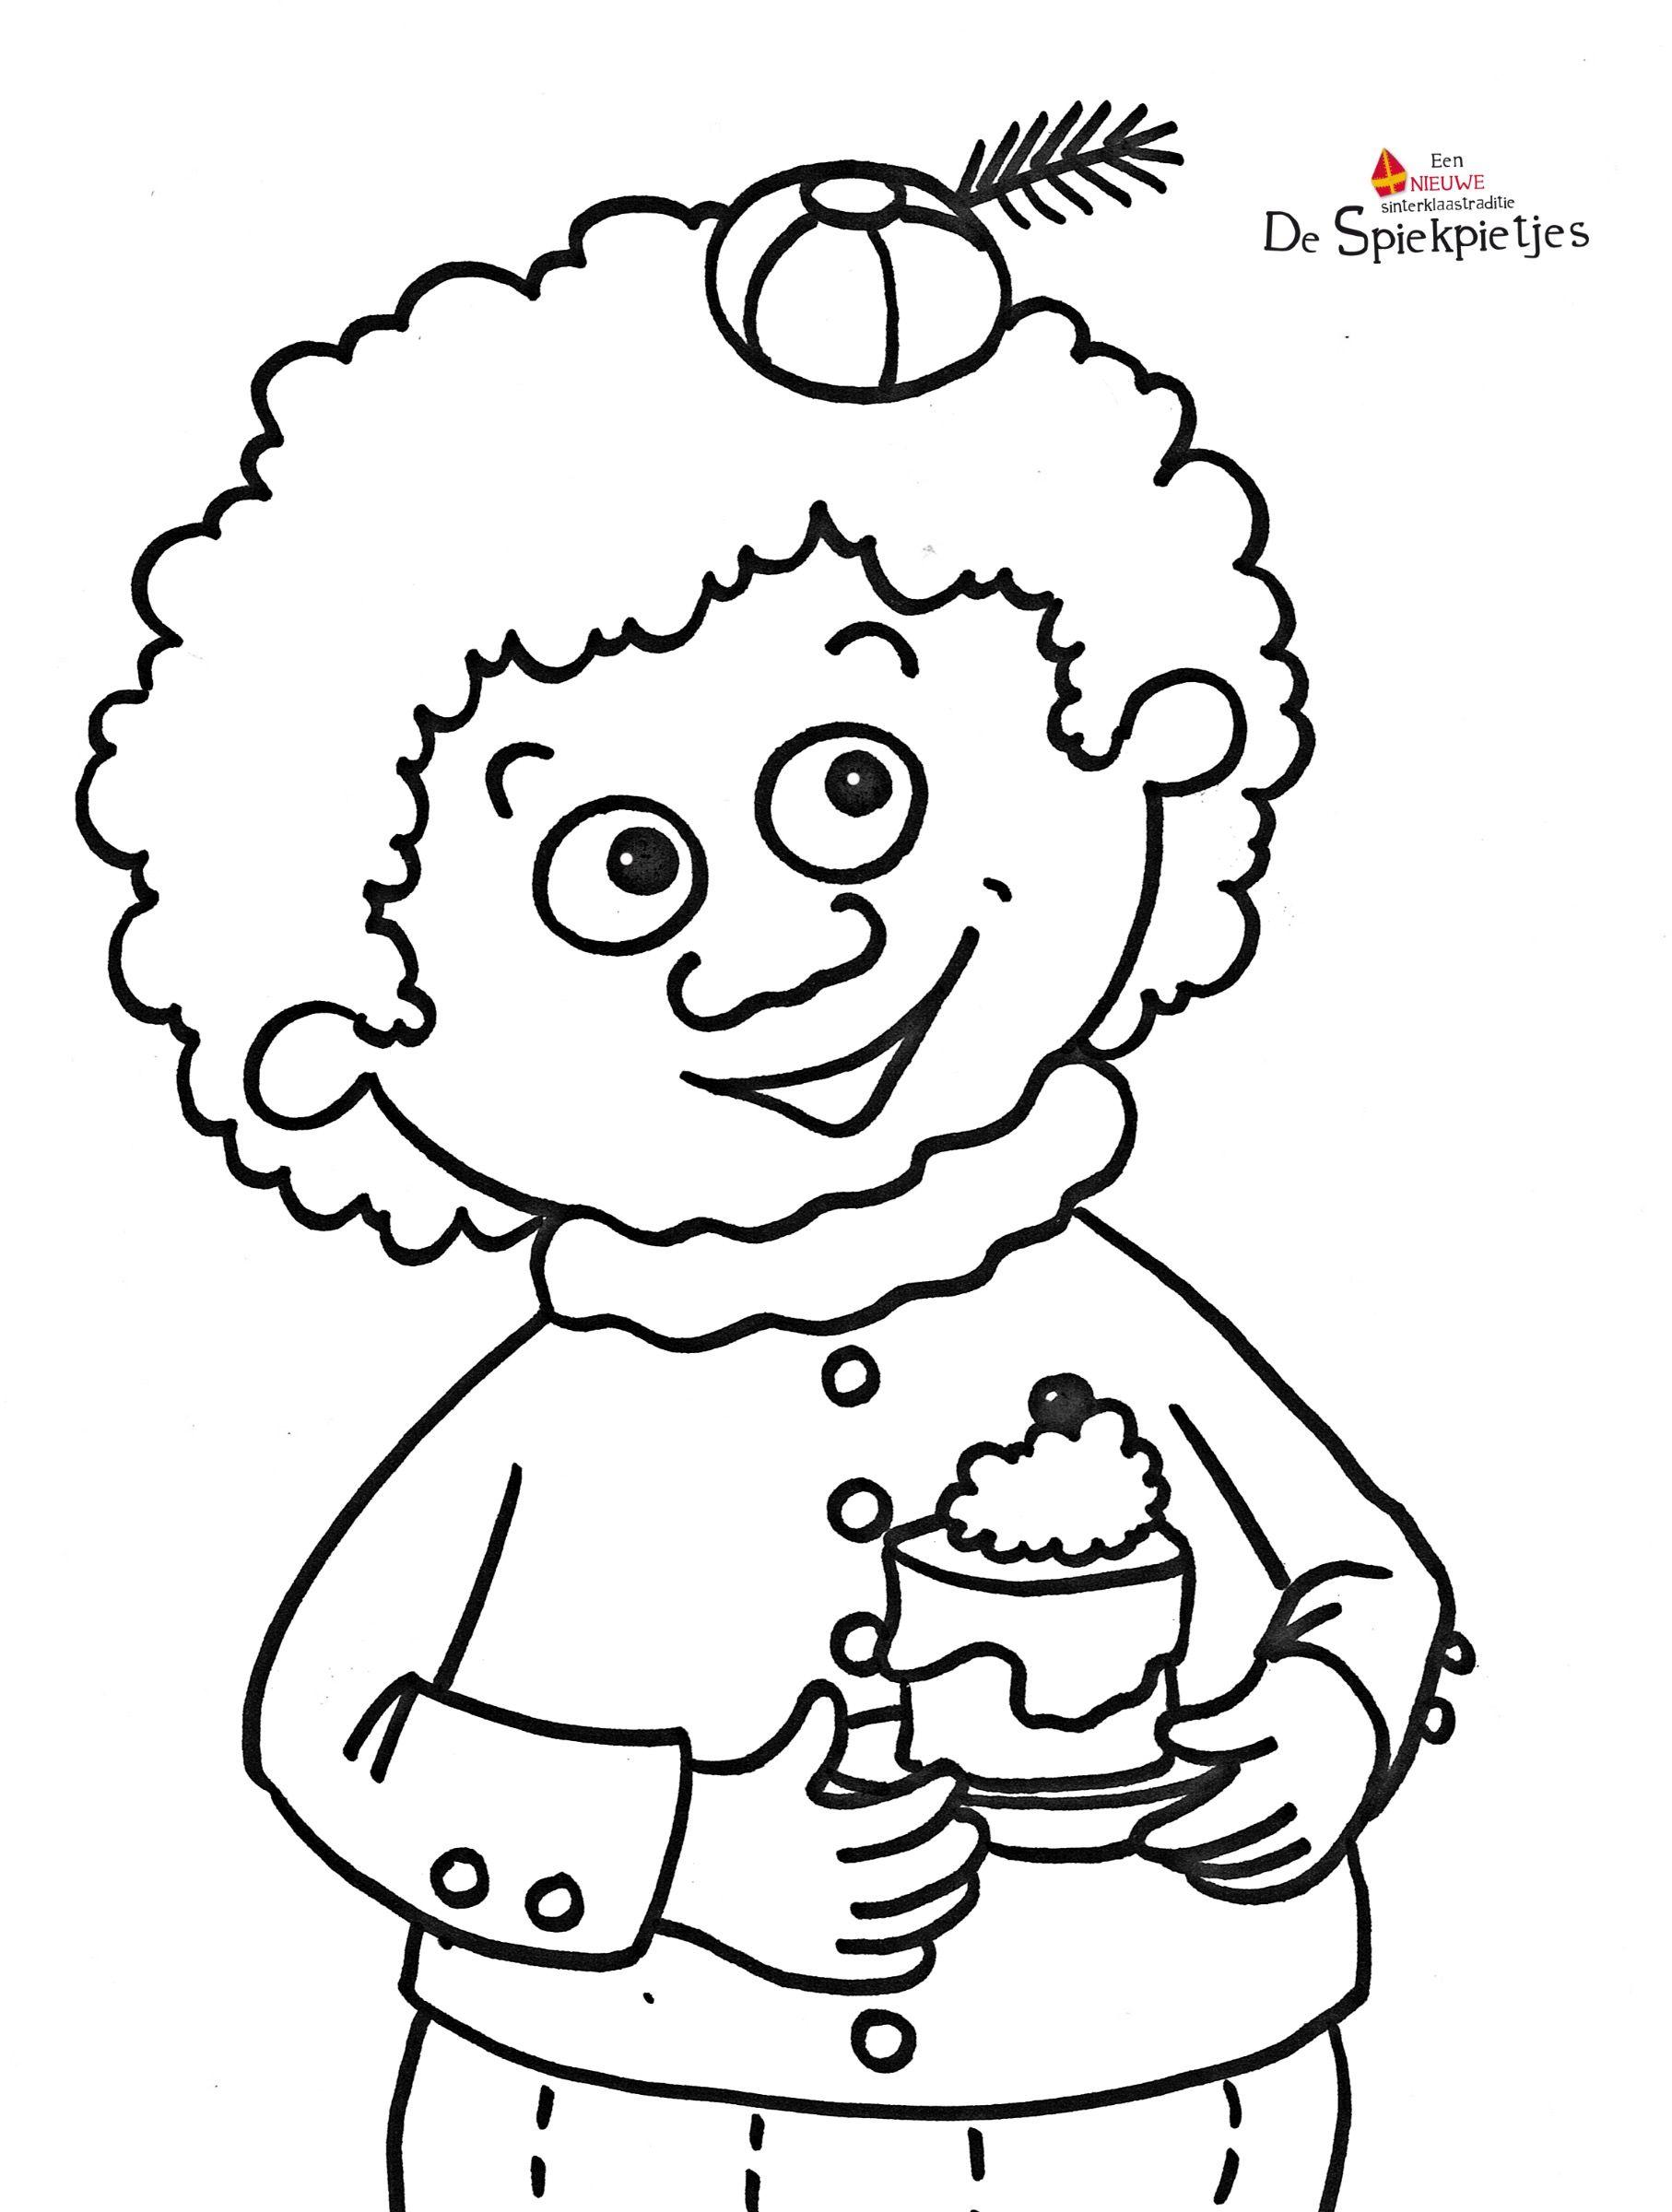 De Spiekpietjes Ontstonden In Hoofd En Hand Van Kinderboekenschrijfster Thas Vanderheyden Thas Tekende En Schreef Onde Knutselen Sinterklaas Sinterklaas Thema